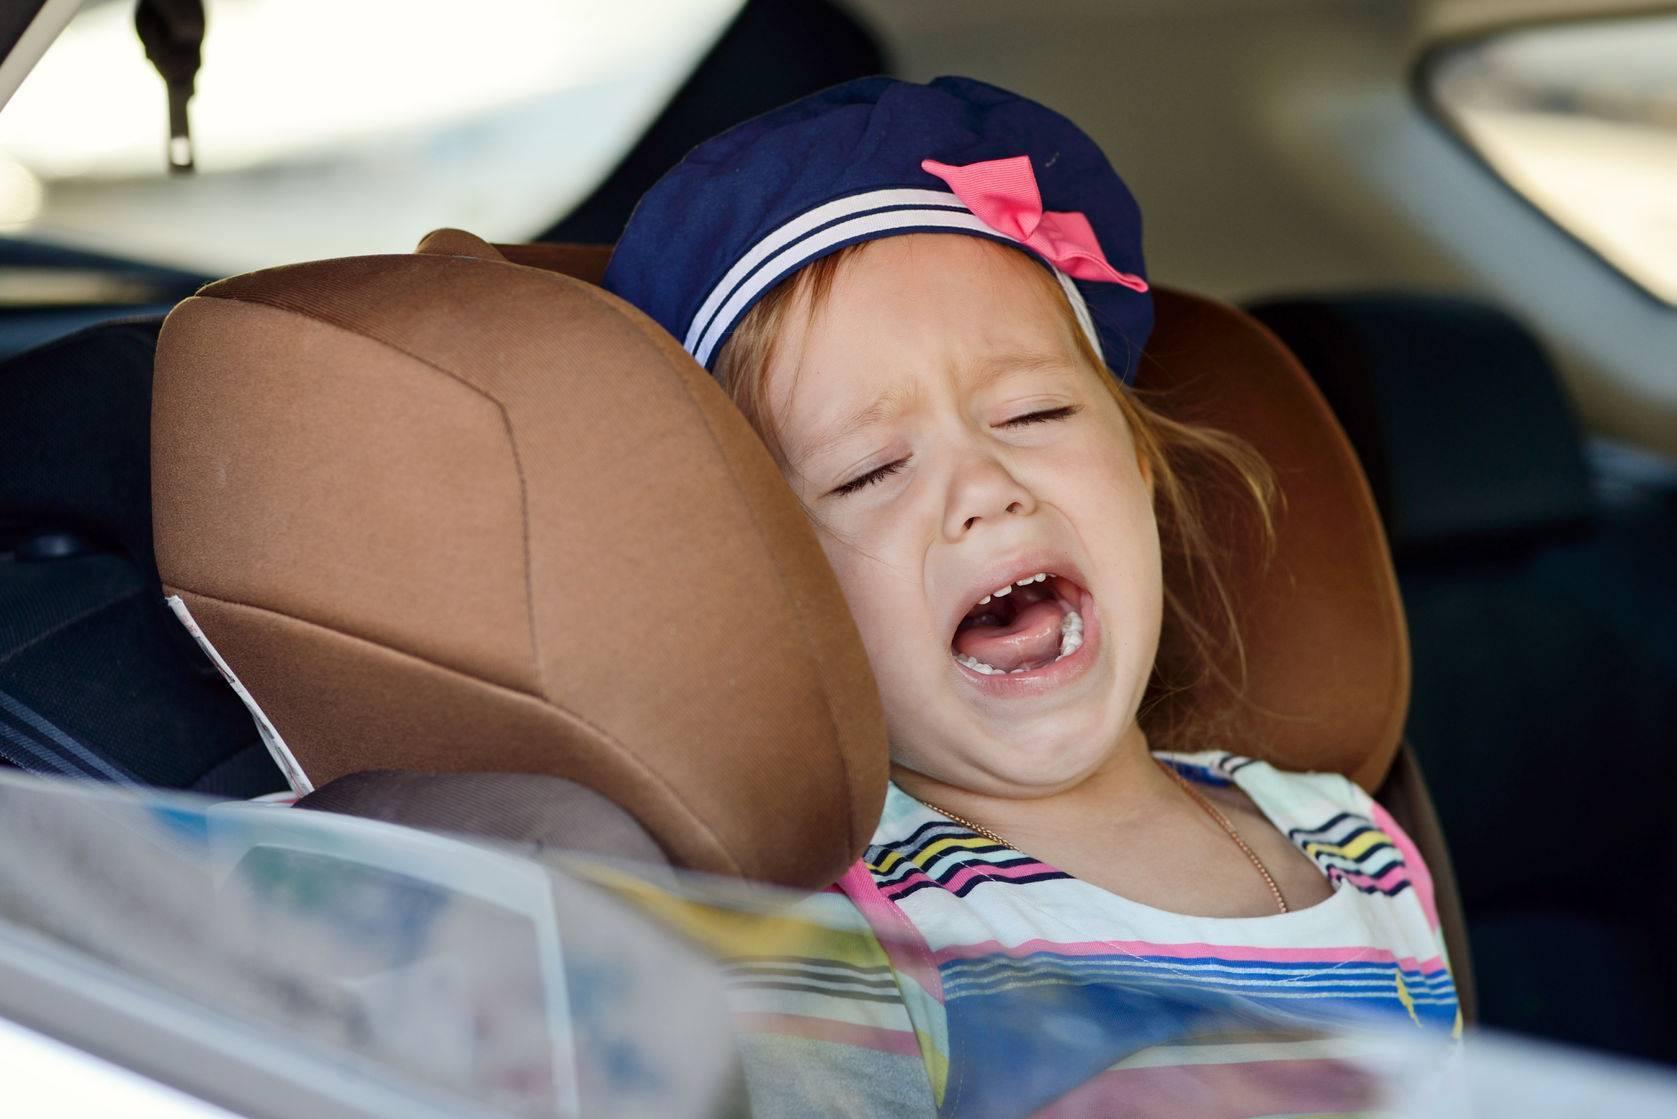 Ребенка укачивает в машине: методы лечения и профилактика